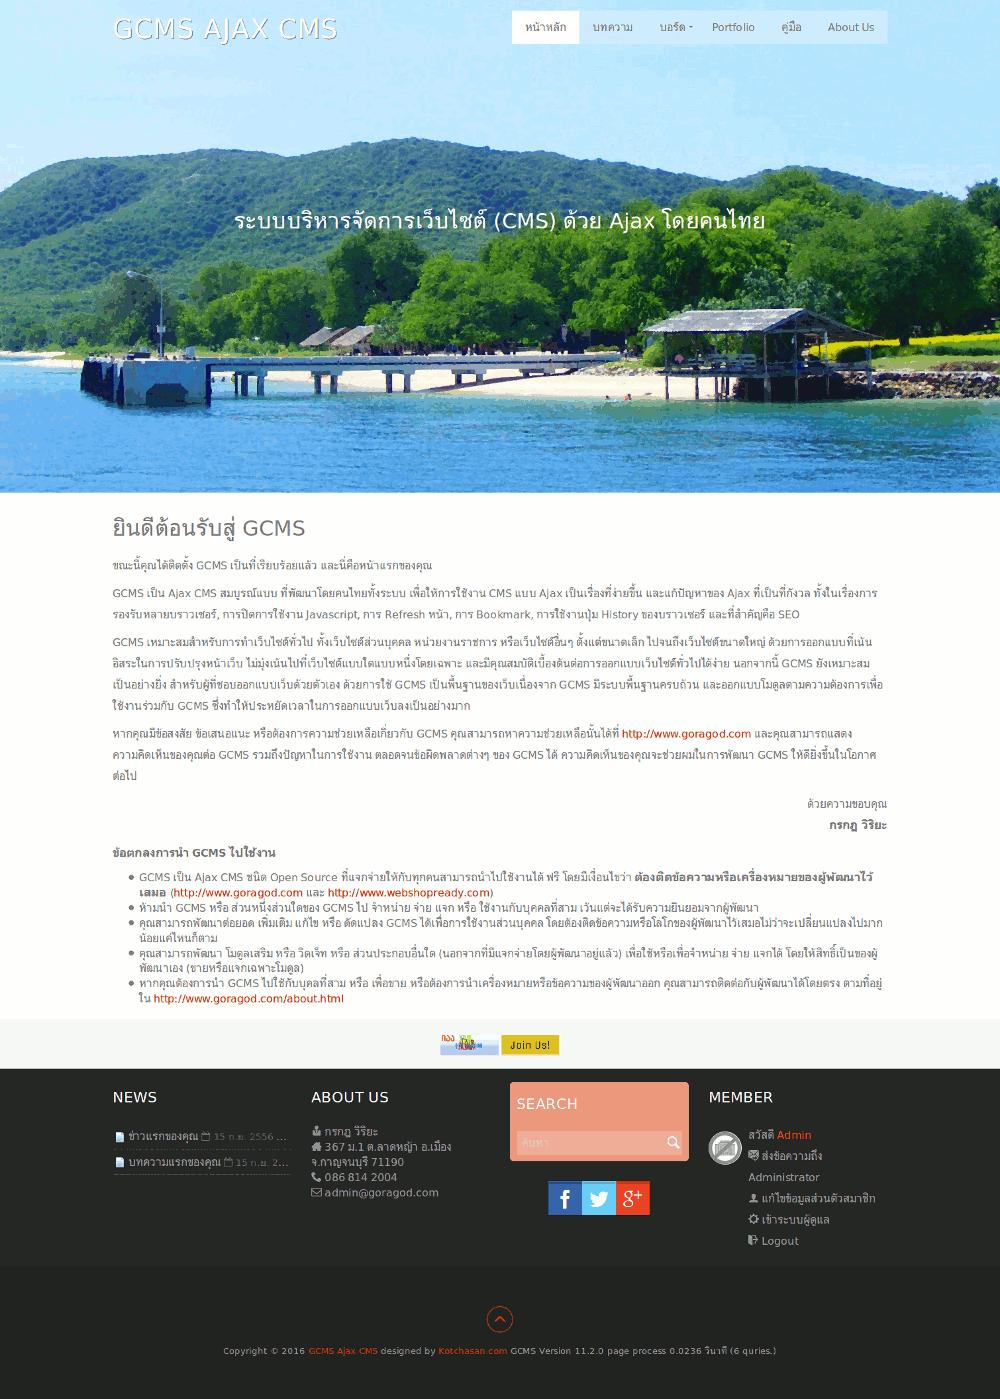 เว็บไซต์หลัก GCMS